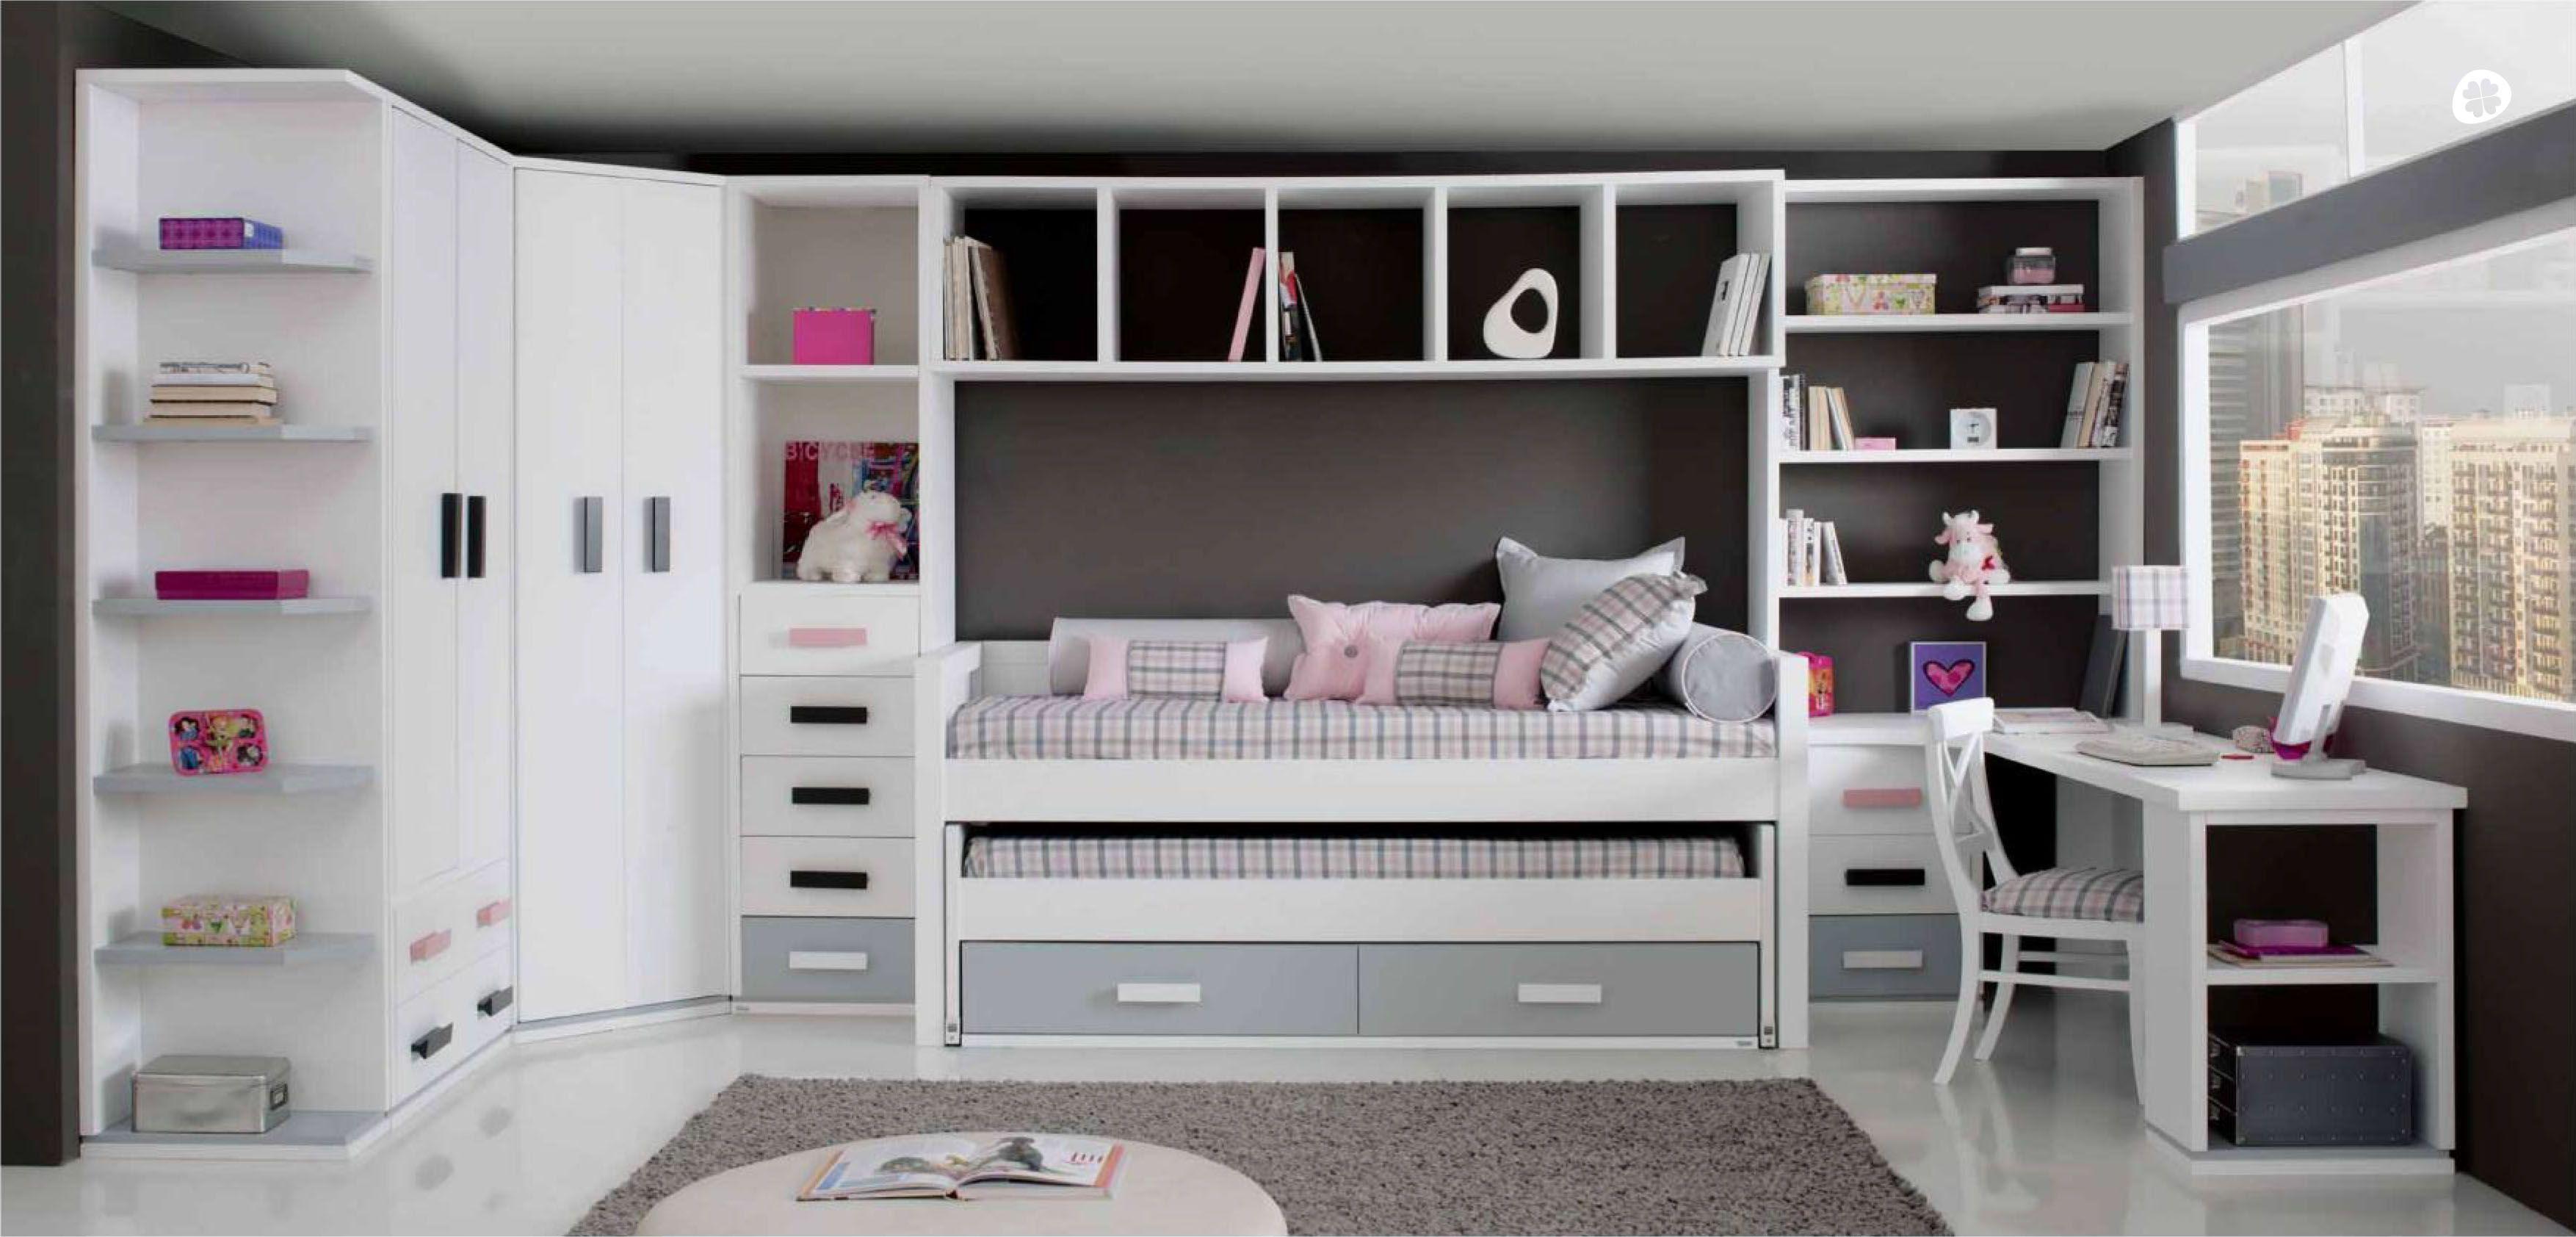 Dormitorio completo para ni os de tr bol escritorio y for Dormitorios para ninos